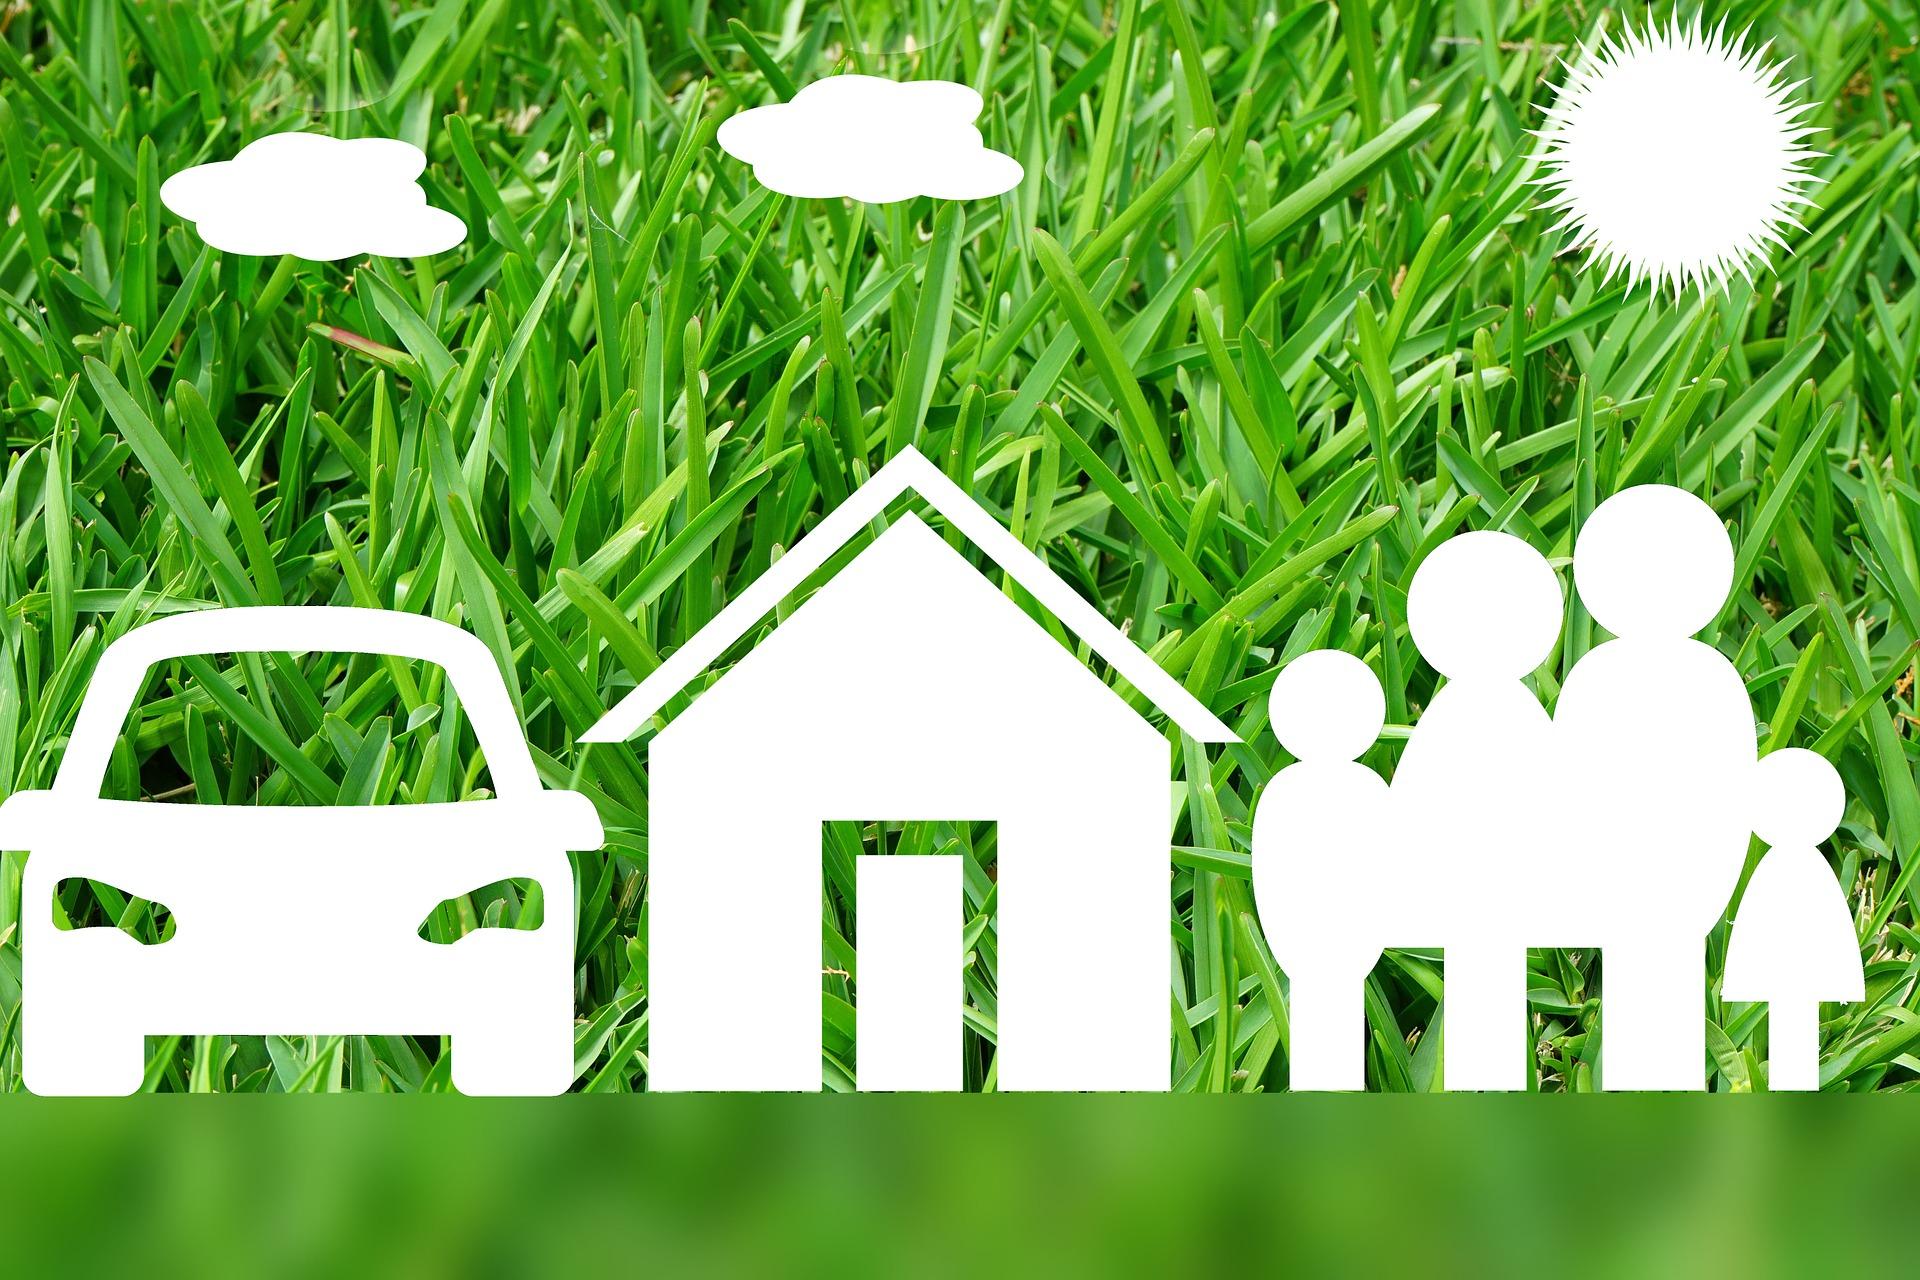 Odmowa wypłaty świadczenia/odszkodowania z ubezpieczenia na życie, ubezpieczenia majątku, ubezpieczeń grupowych czy indywidualnie kontynuowanego ubezpieczenia.